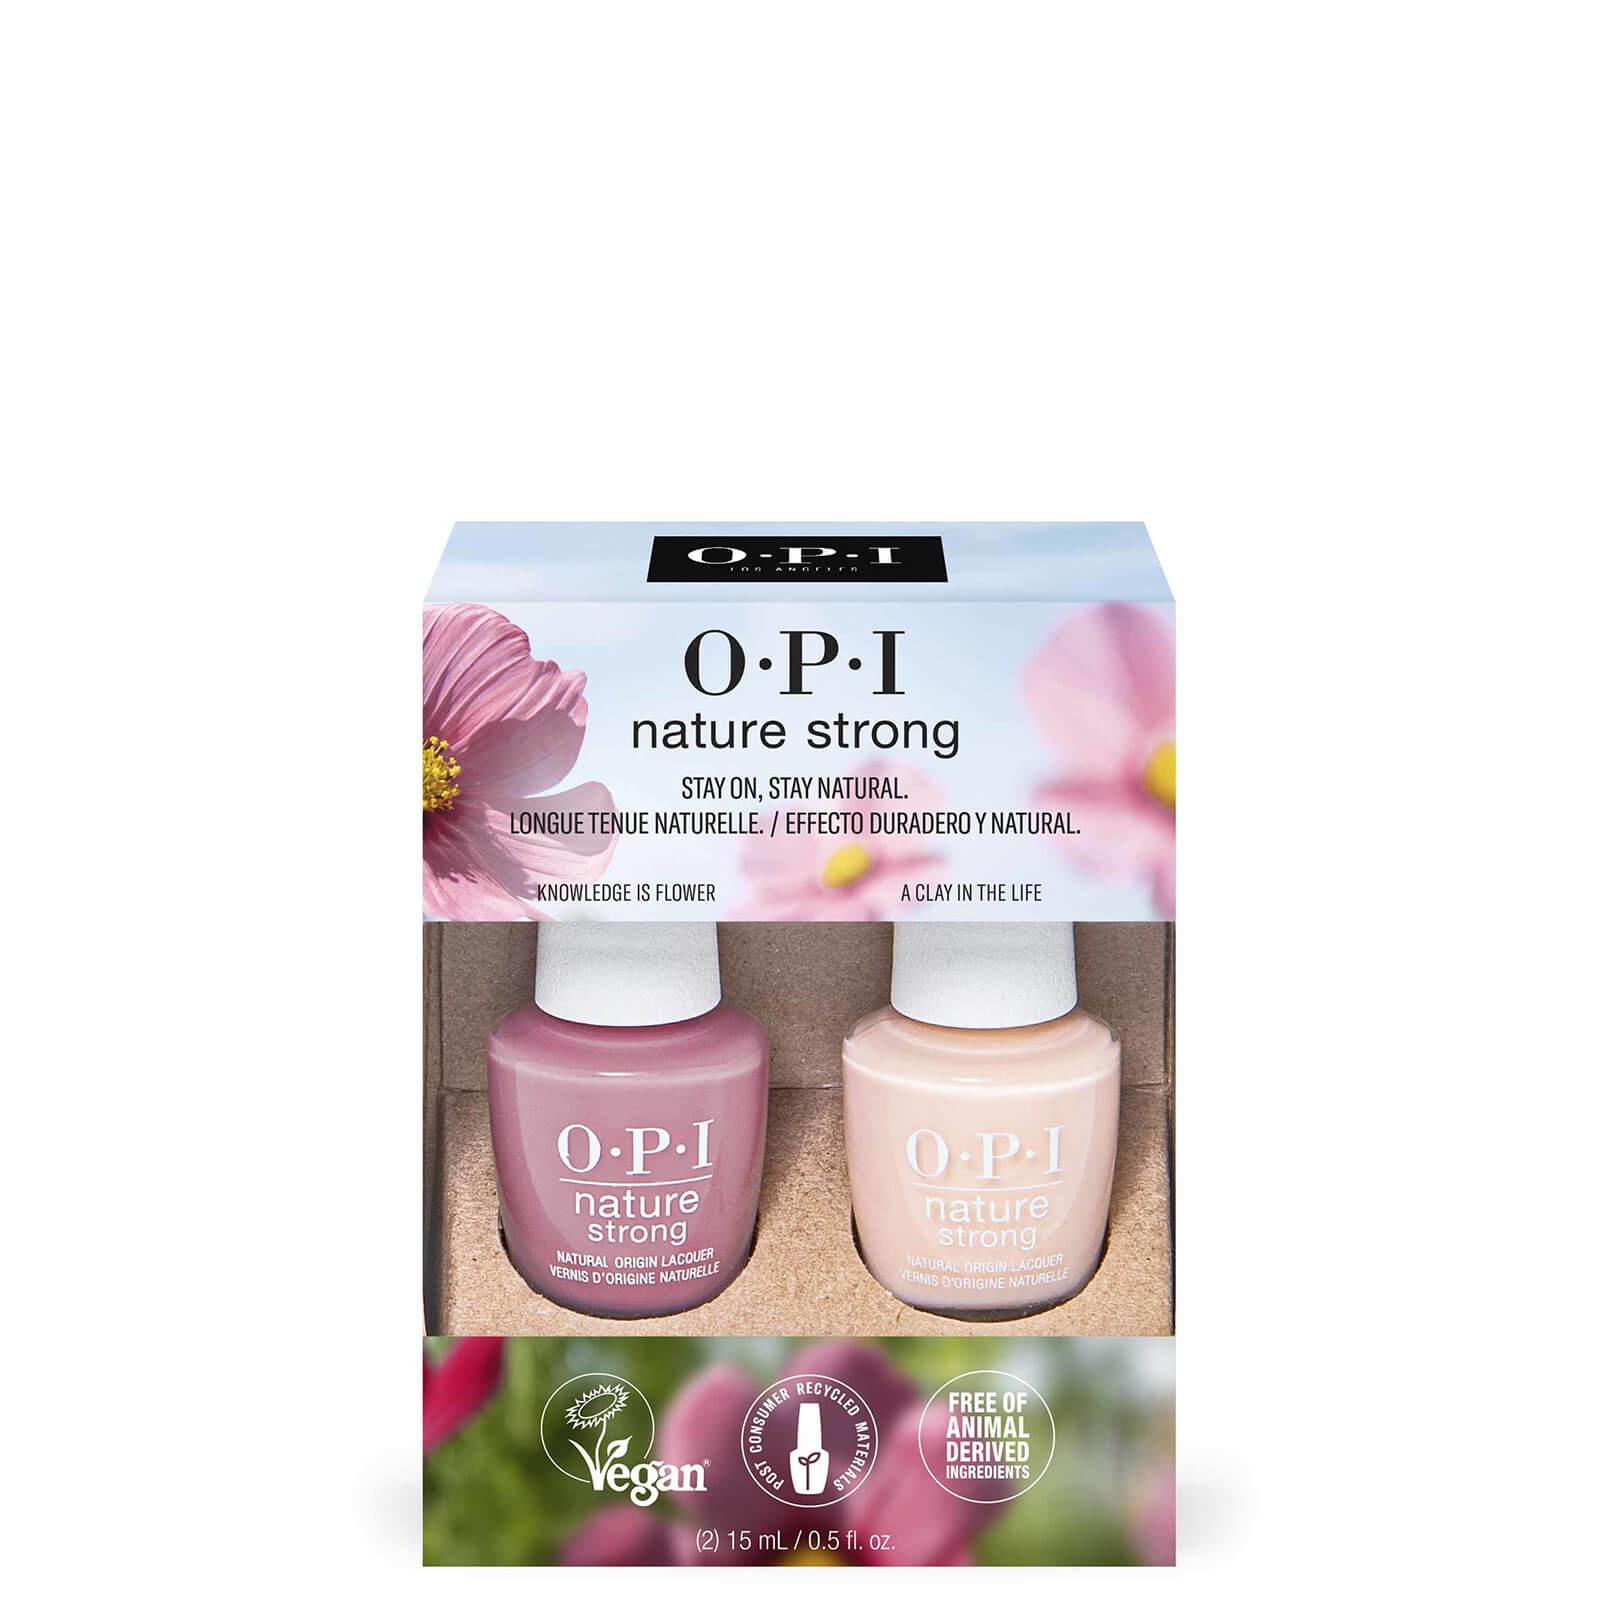 Купить OPI Nature Strong Natural Vegan Nail Polish Duo Pack - Nature Strong